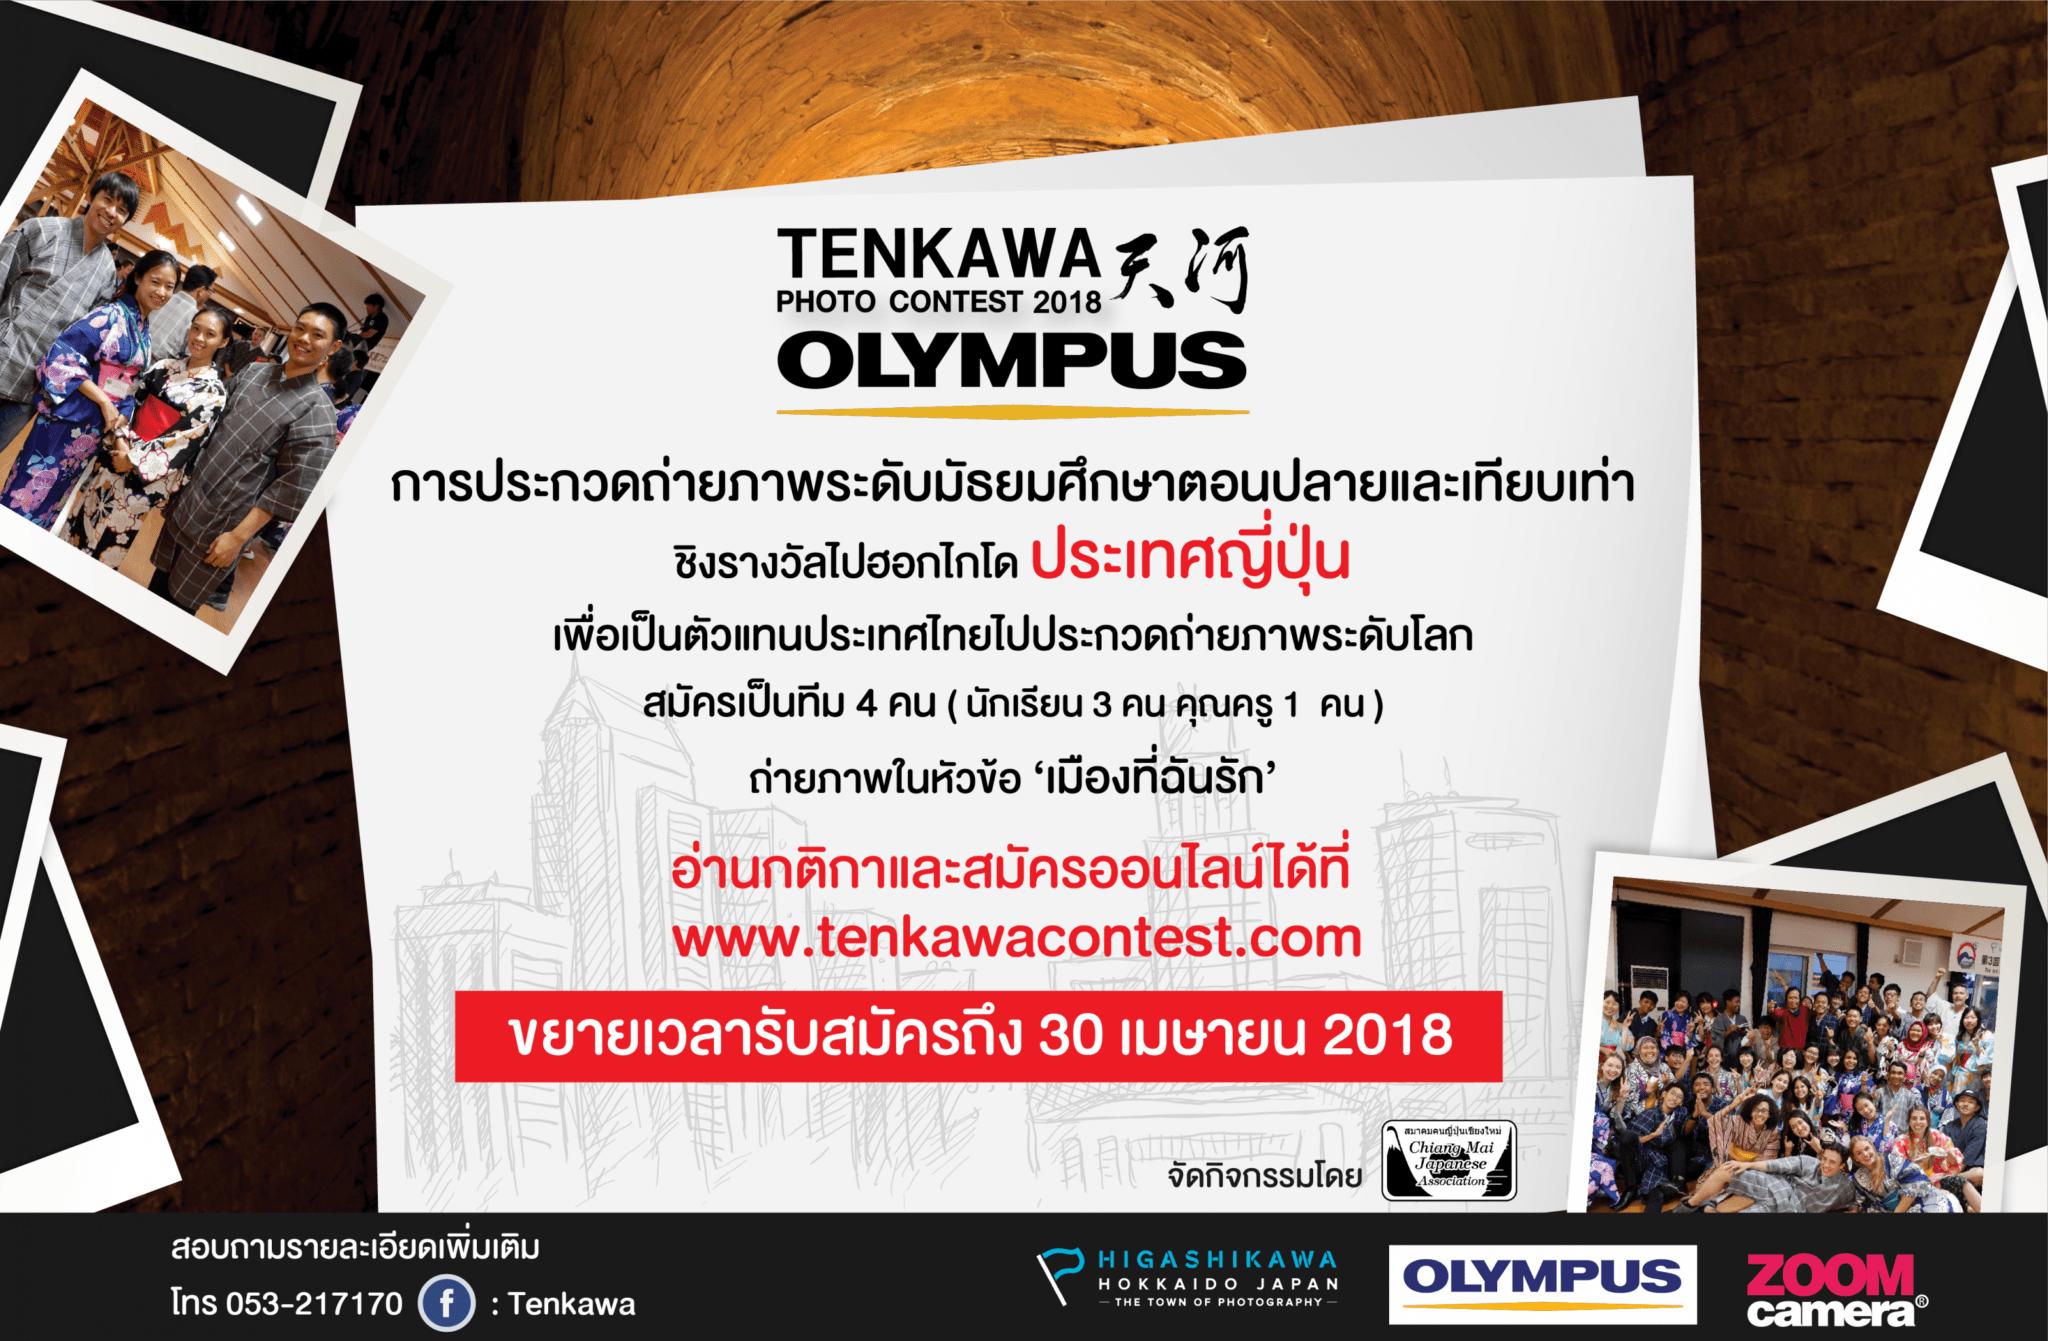 ประกวดถ่ายภาพระดับม.ปลาย Olympus Tenkawa Photo Contest 2018 ชิงรางวัลไปฮอกไกโด 2 -